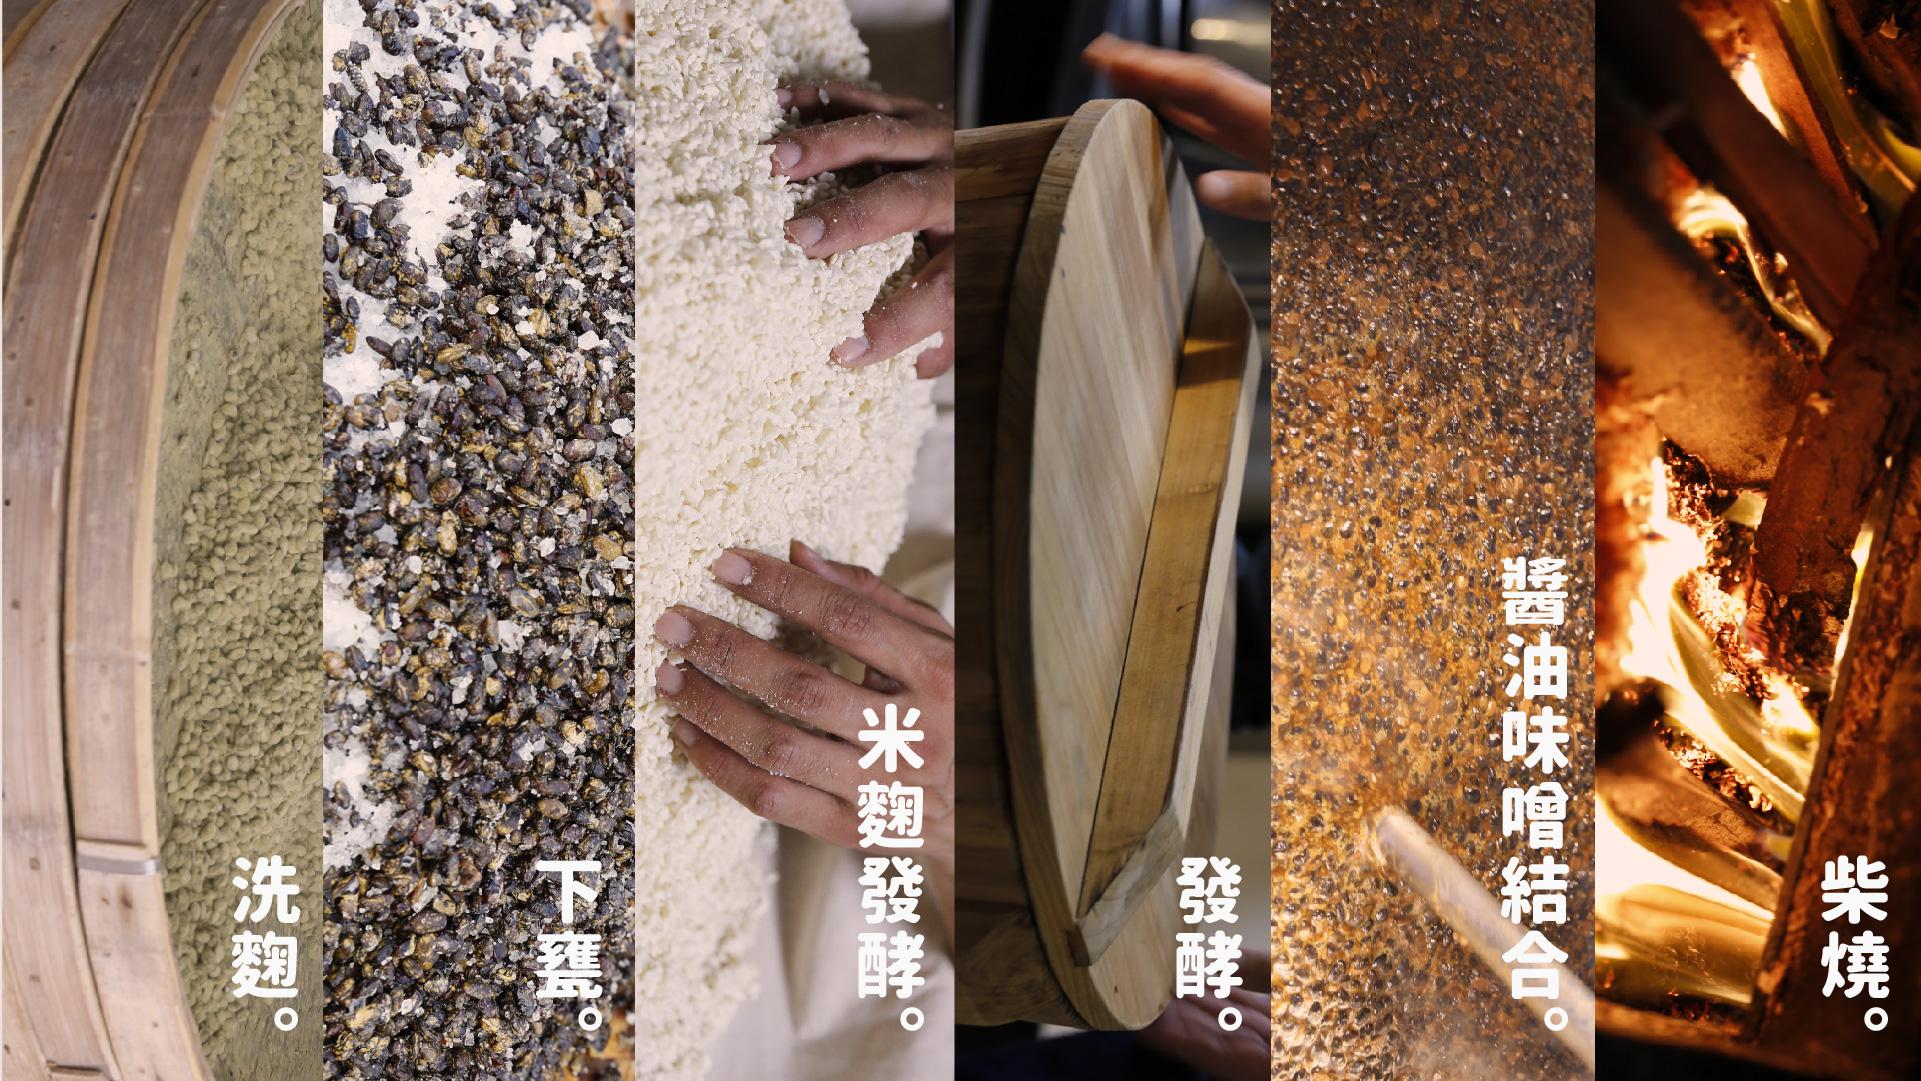 洗麴、下甕、米麴發酵、發酵、醬油味噌結合、柴燒 | 禾乃川國產豆製所 | 改變生命的豆漿店